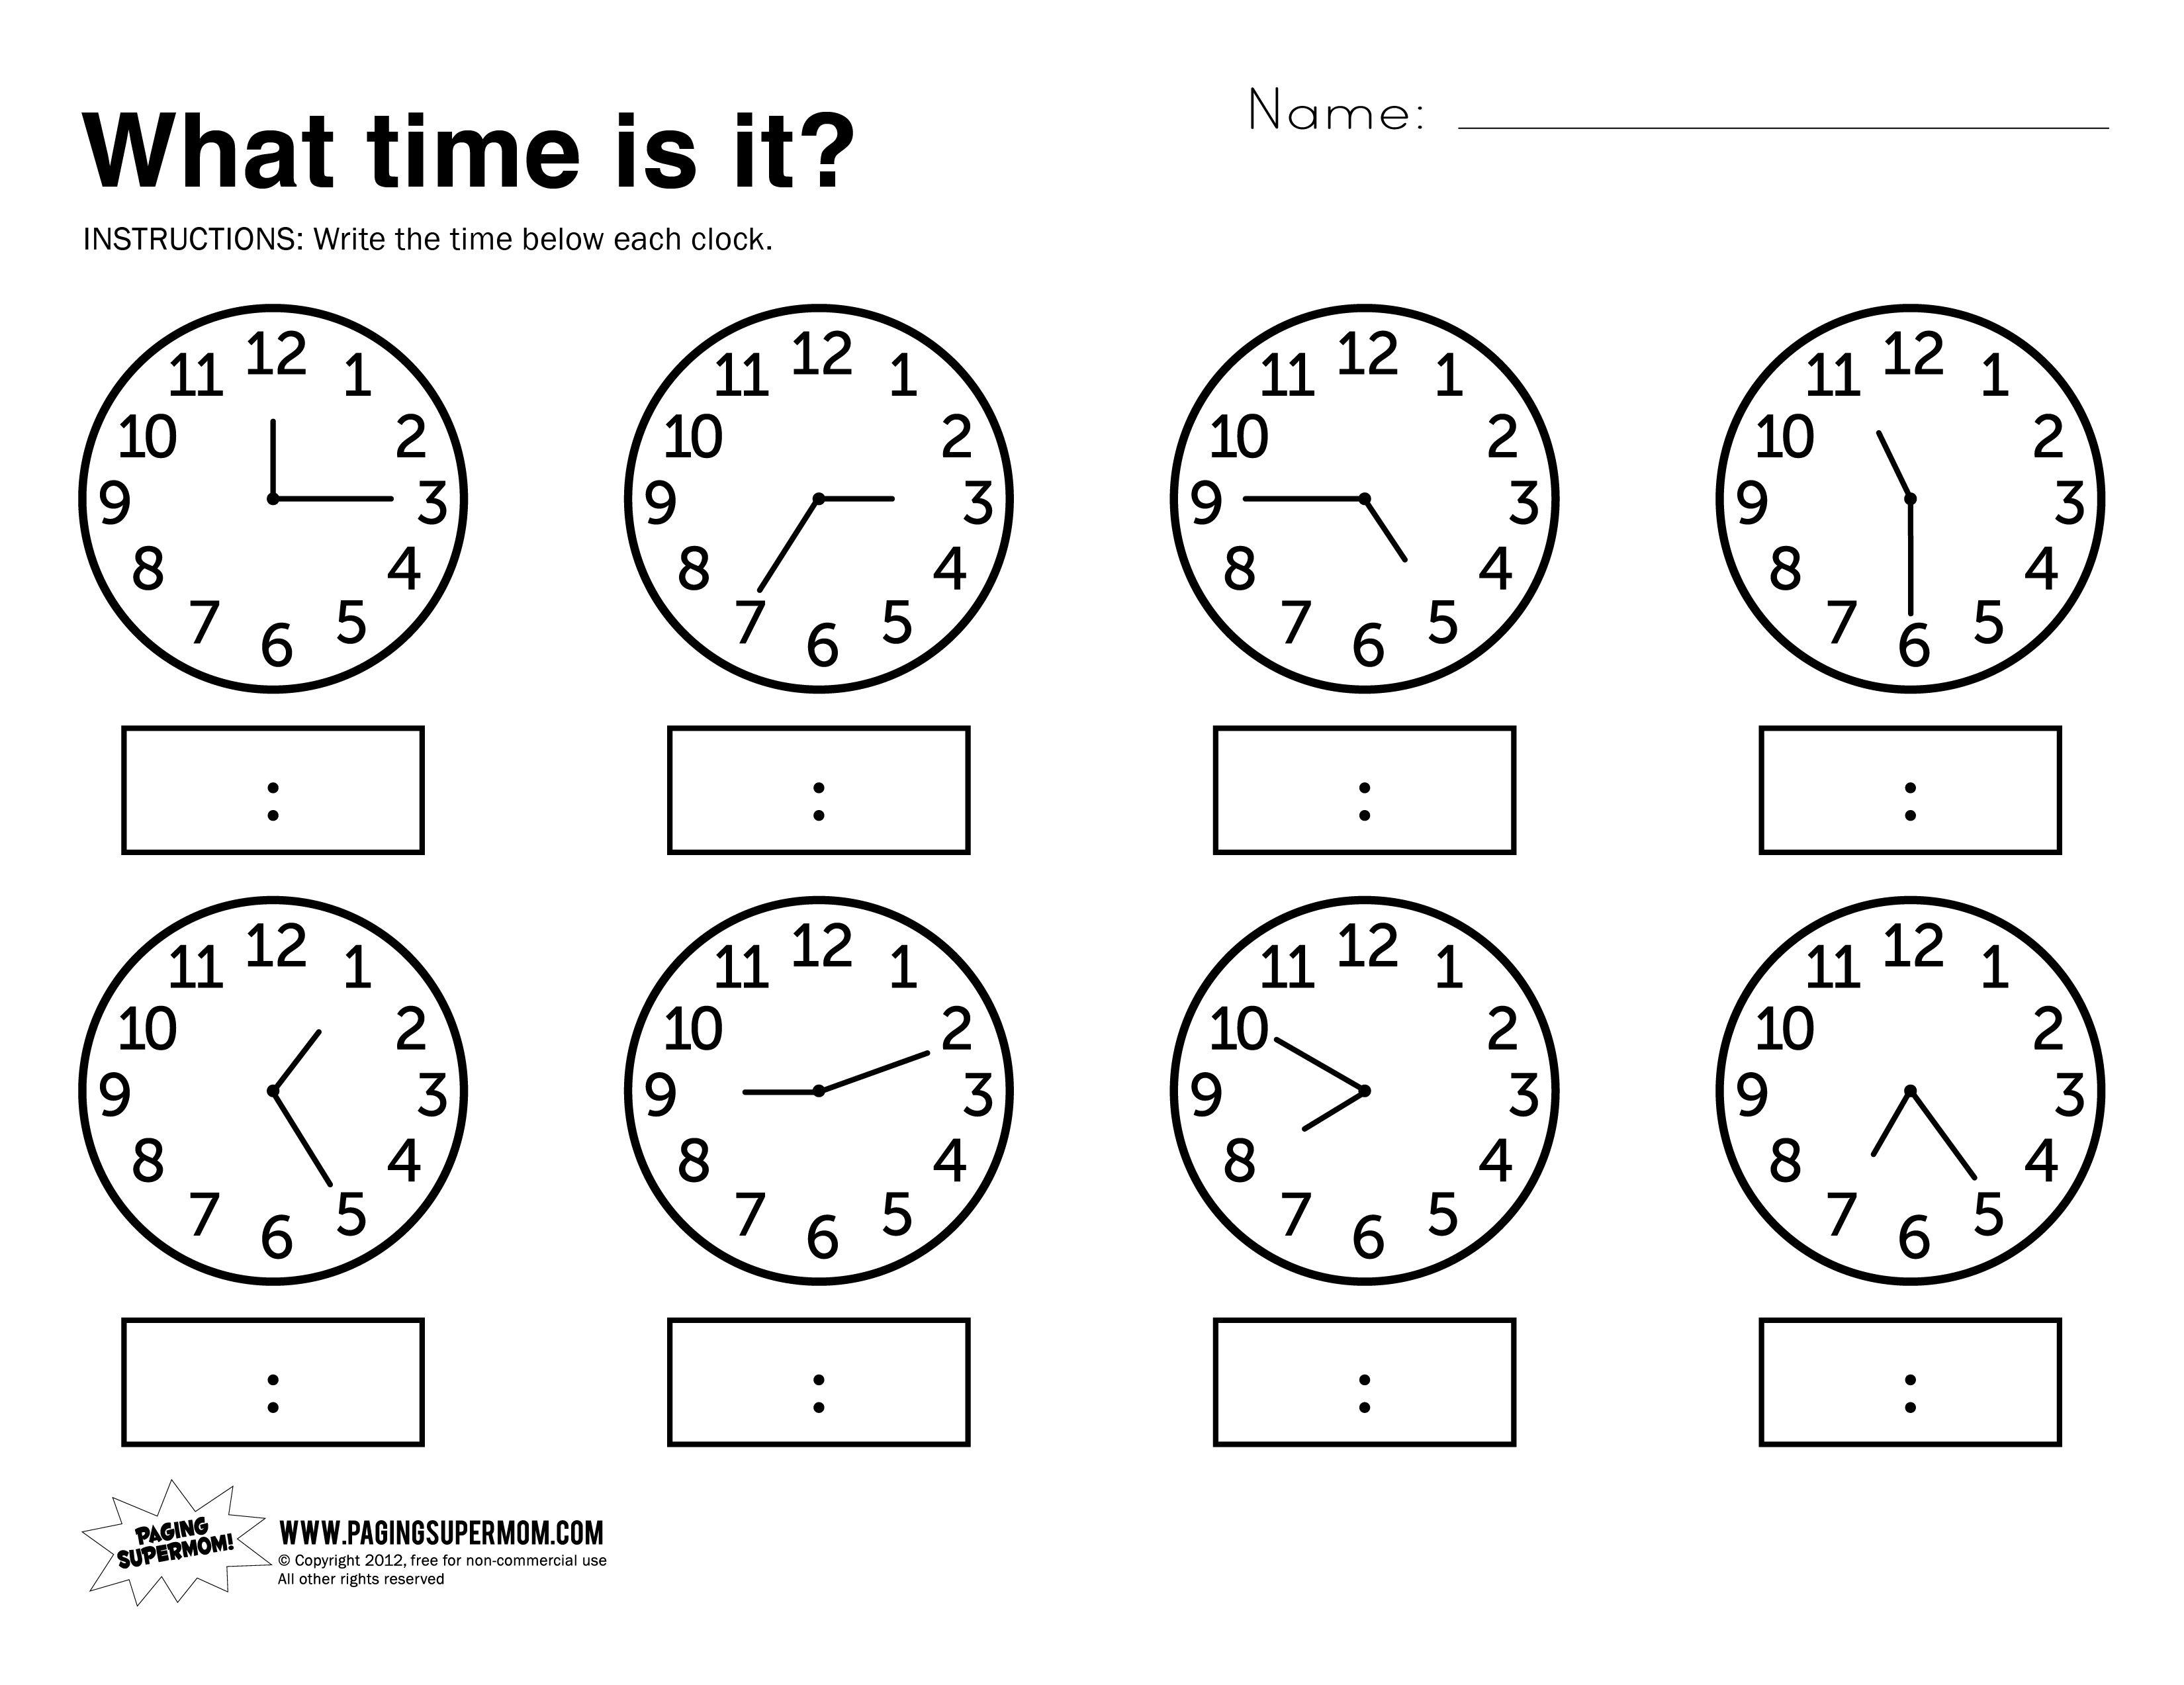 Printable Worksheets On Telling Time Worksheet Printable Blog – Time Telling Worksheets